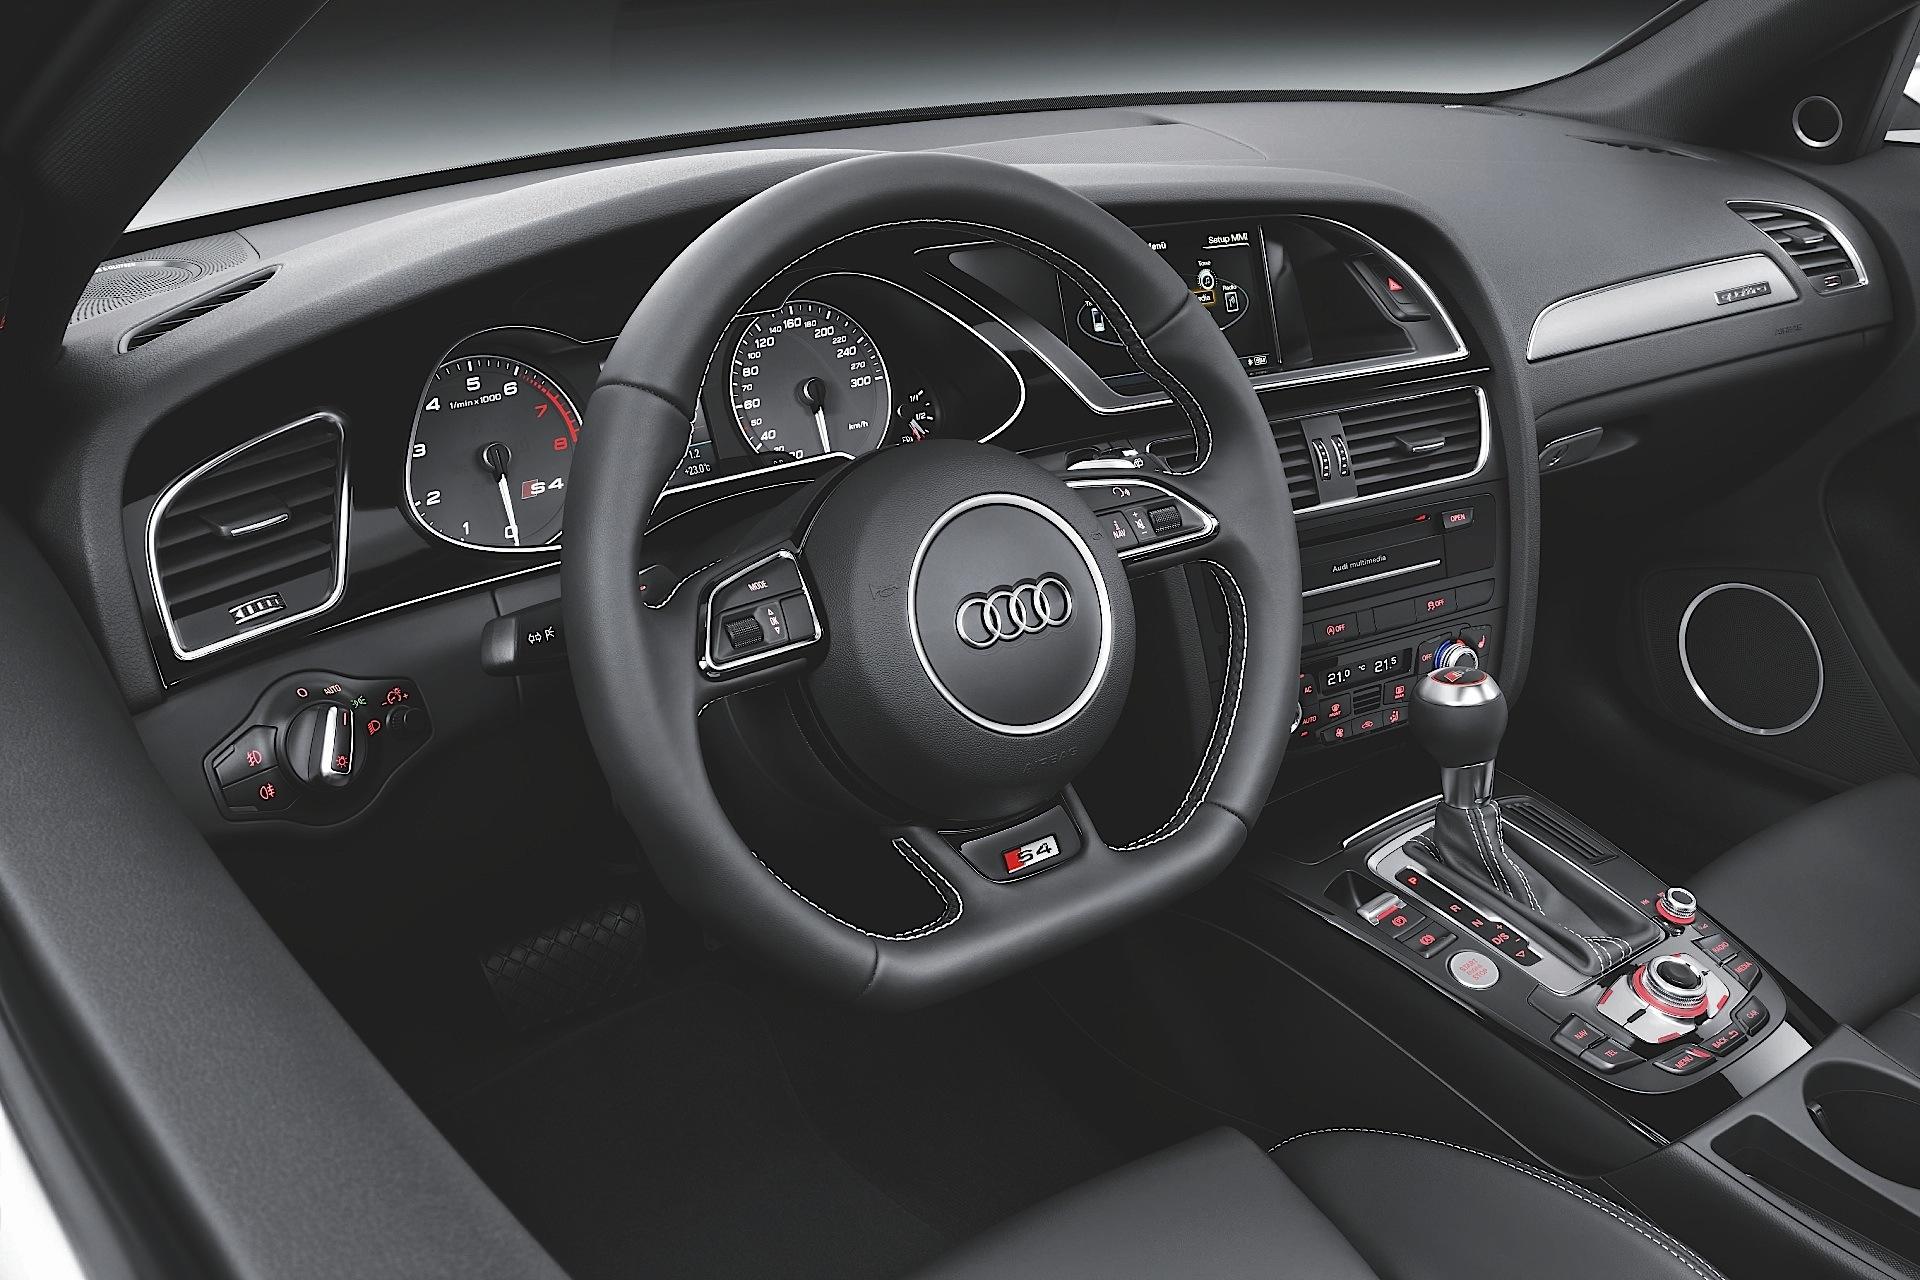 2010 Audi S4 Black